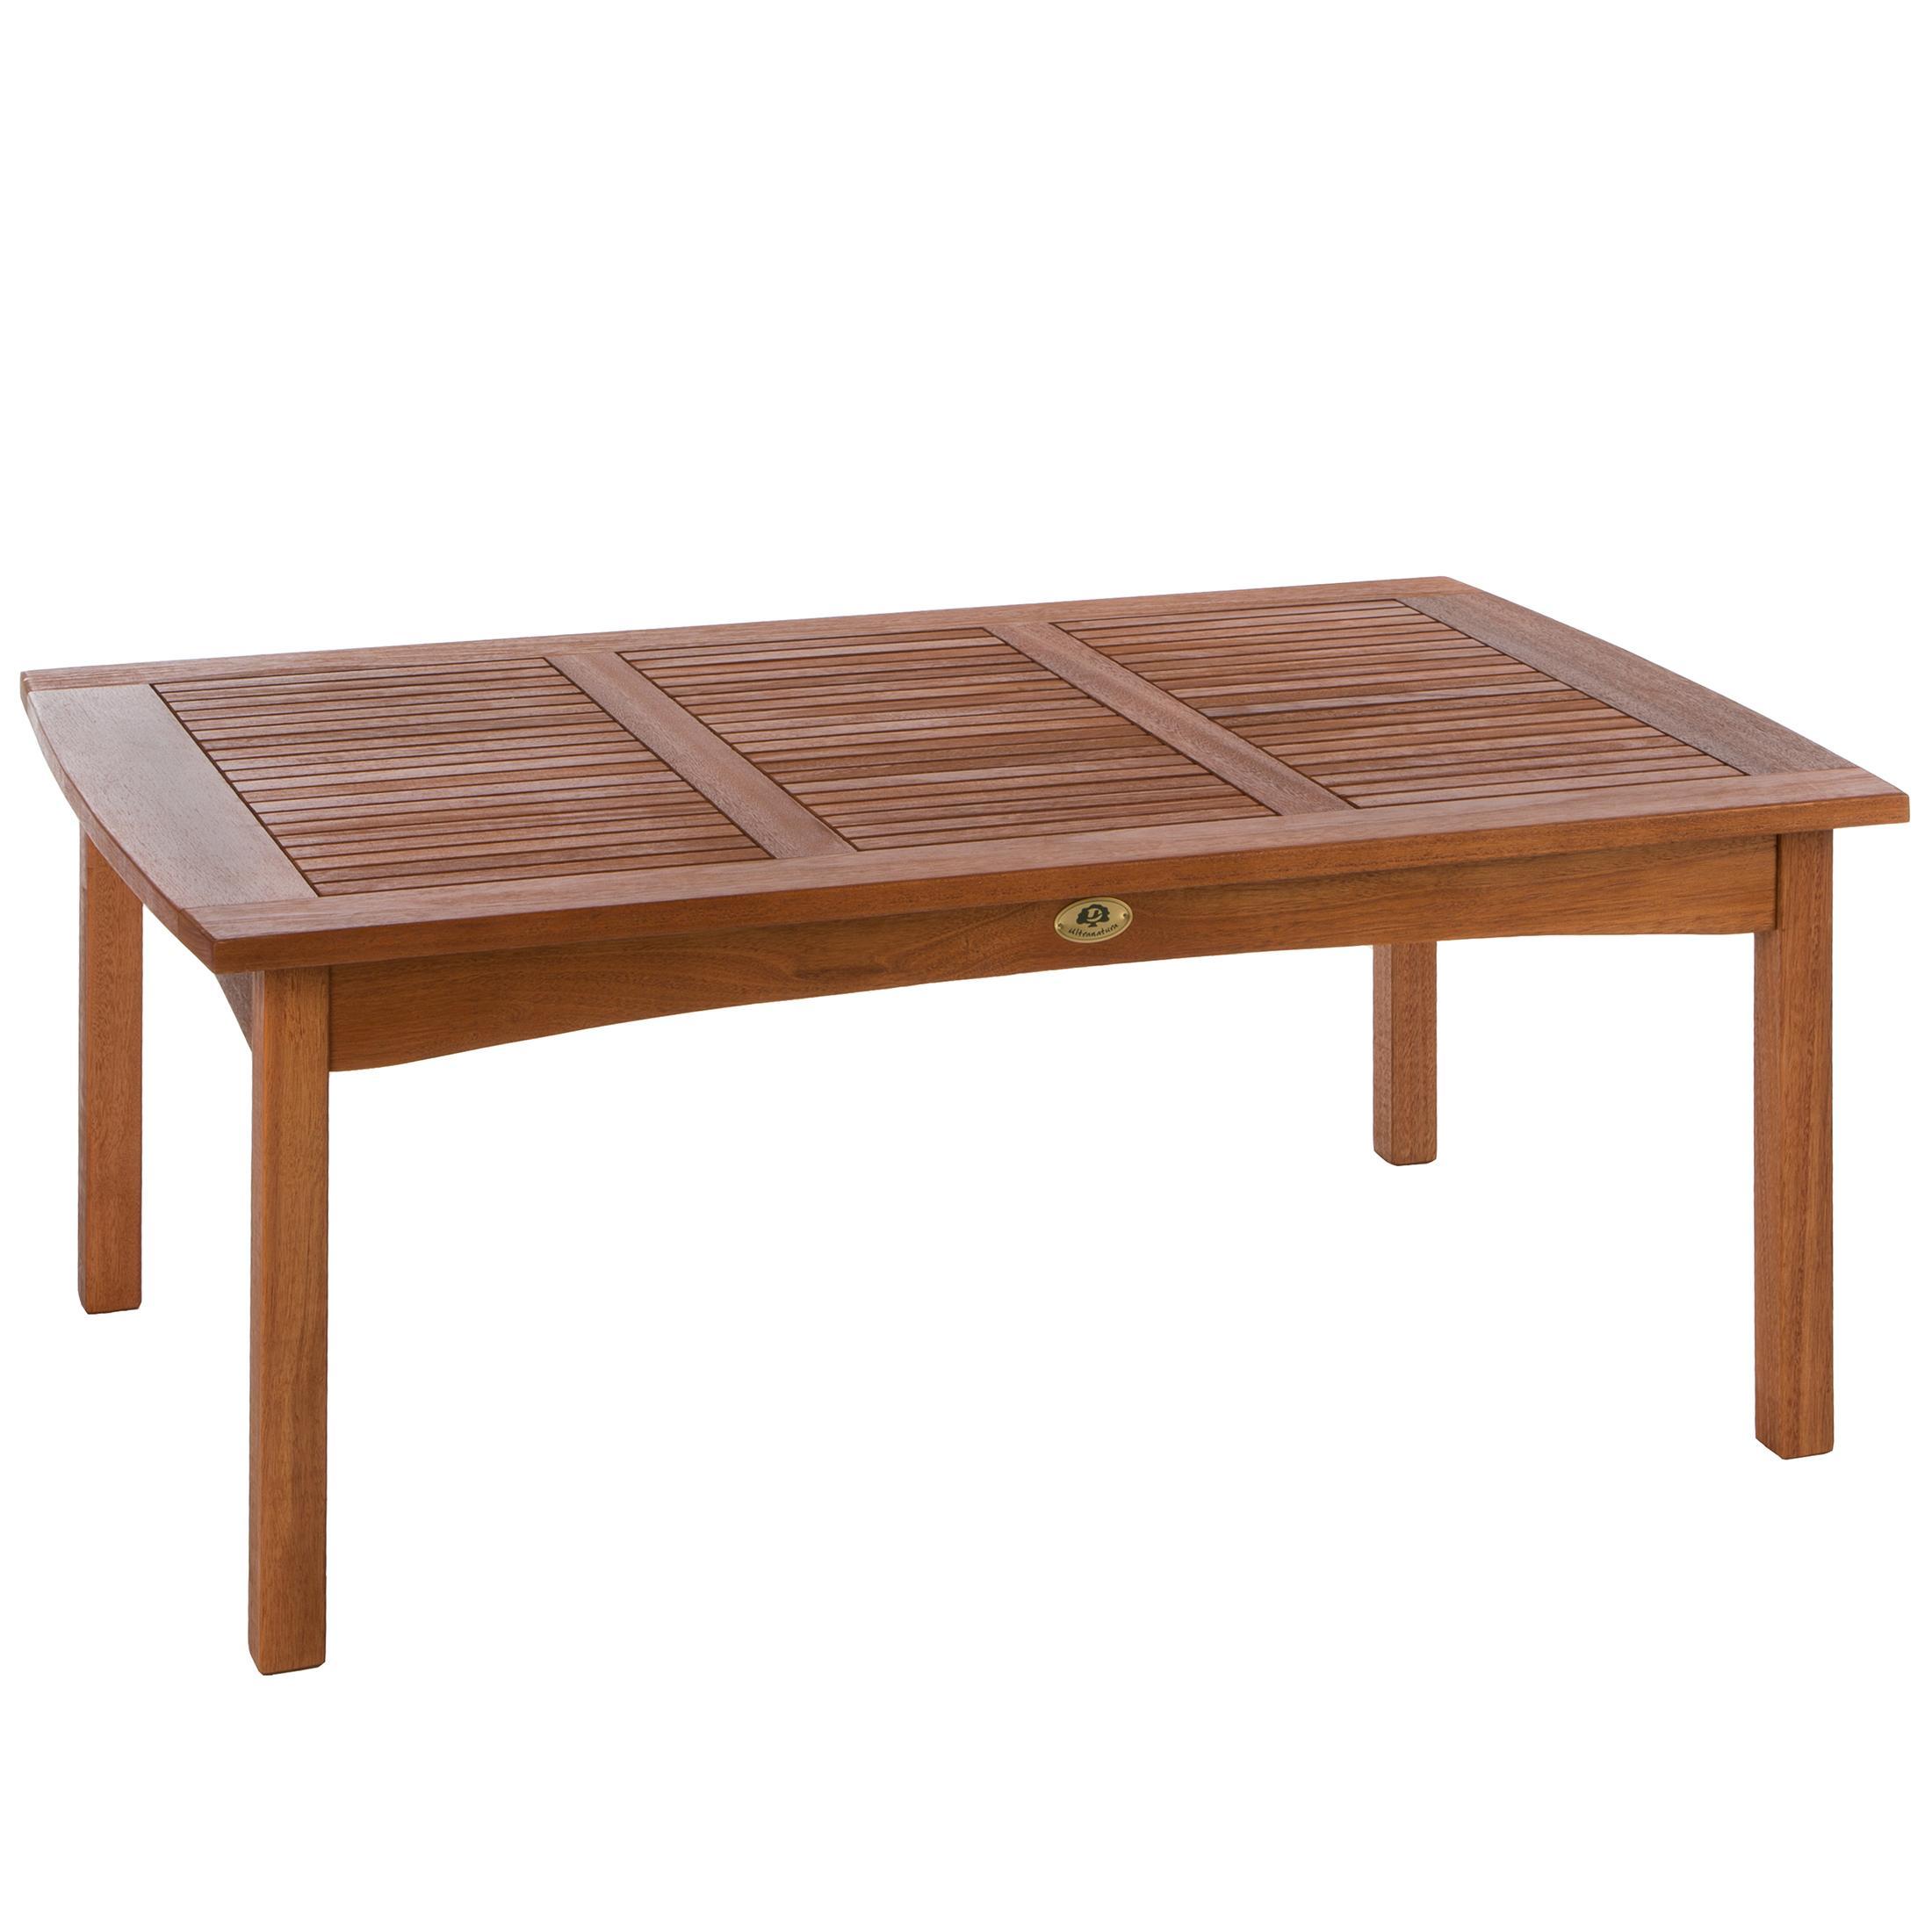 Ultranatura tavolo da giardino della serie canberra legno for Tavolo da giardino legno